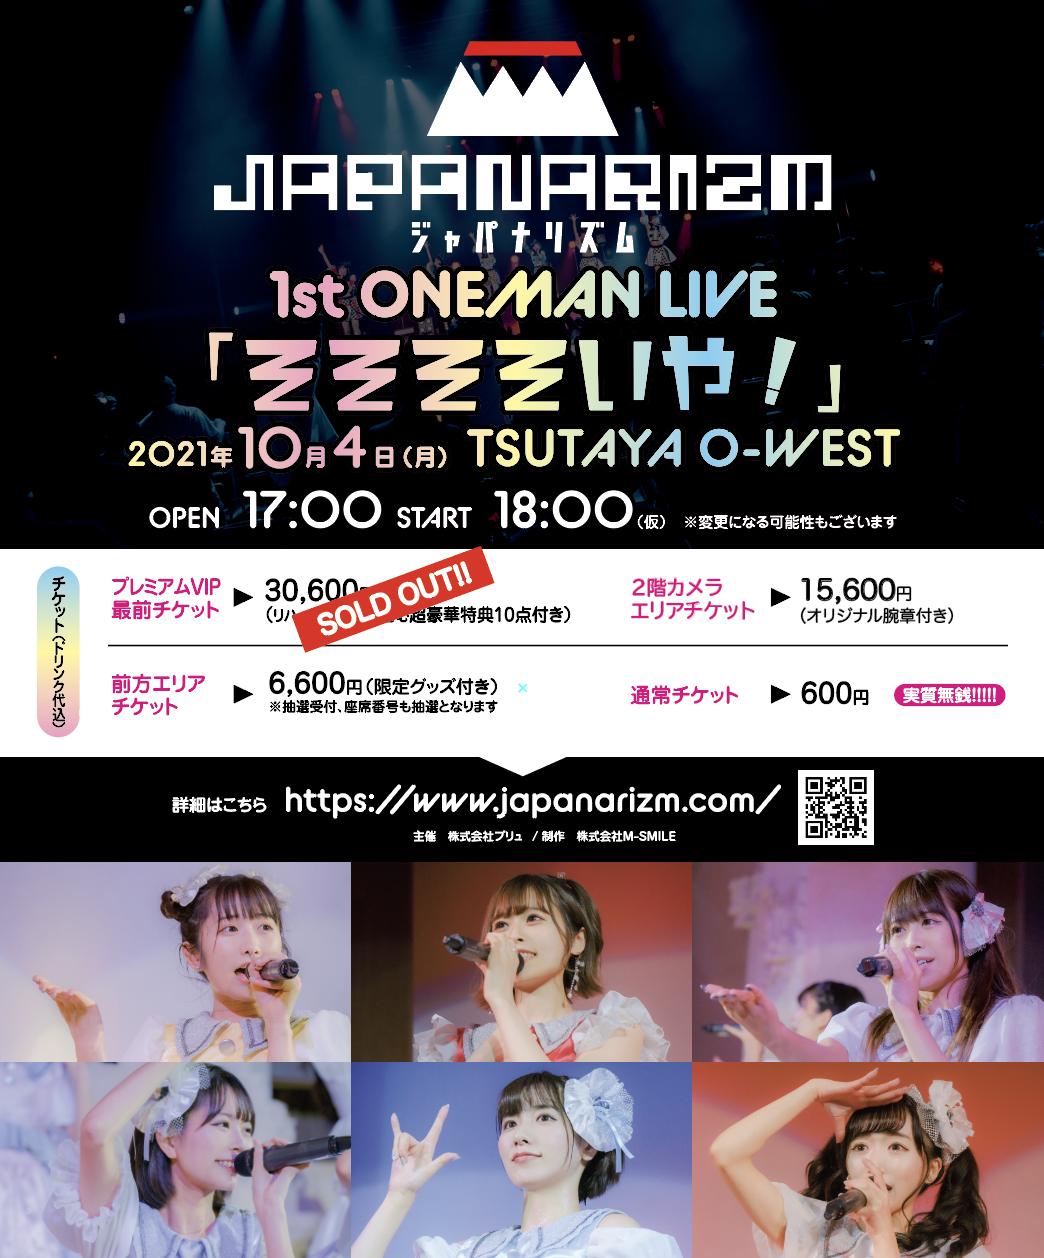 2021/10/4(月) JAPANARIZM 1st ONEMAN LIVE「そそそそいや!」 TSUTAYA O-WEST